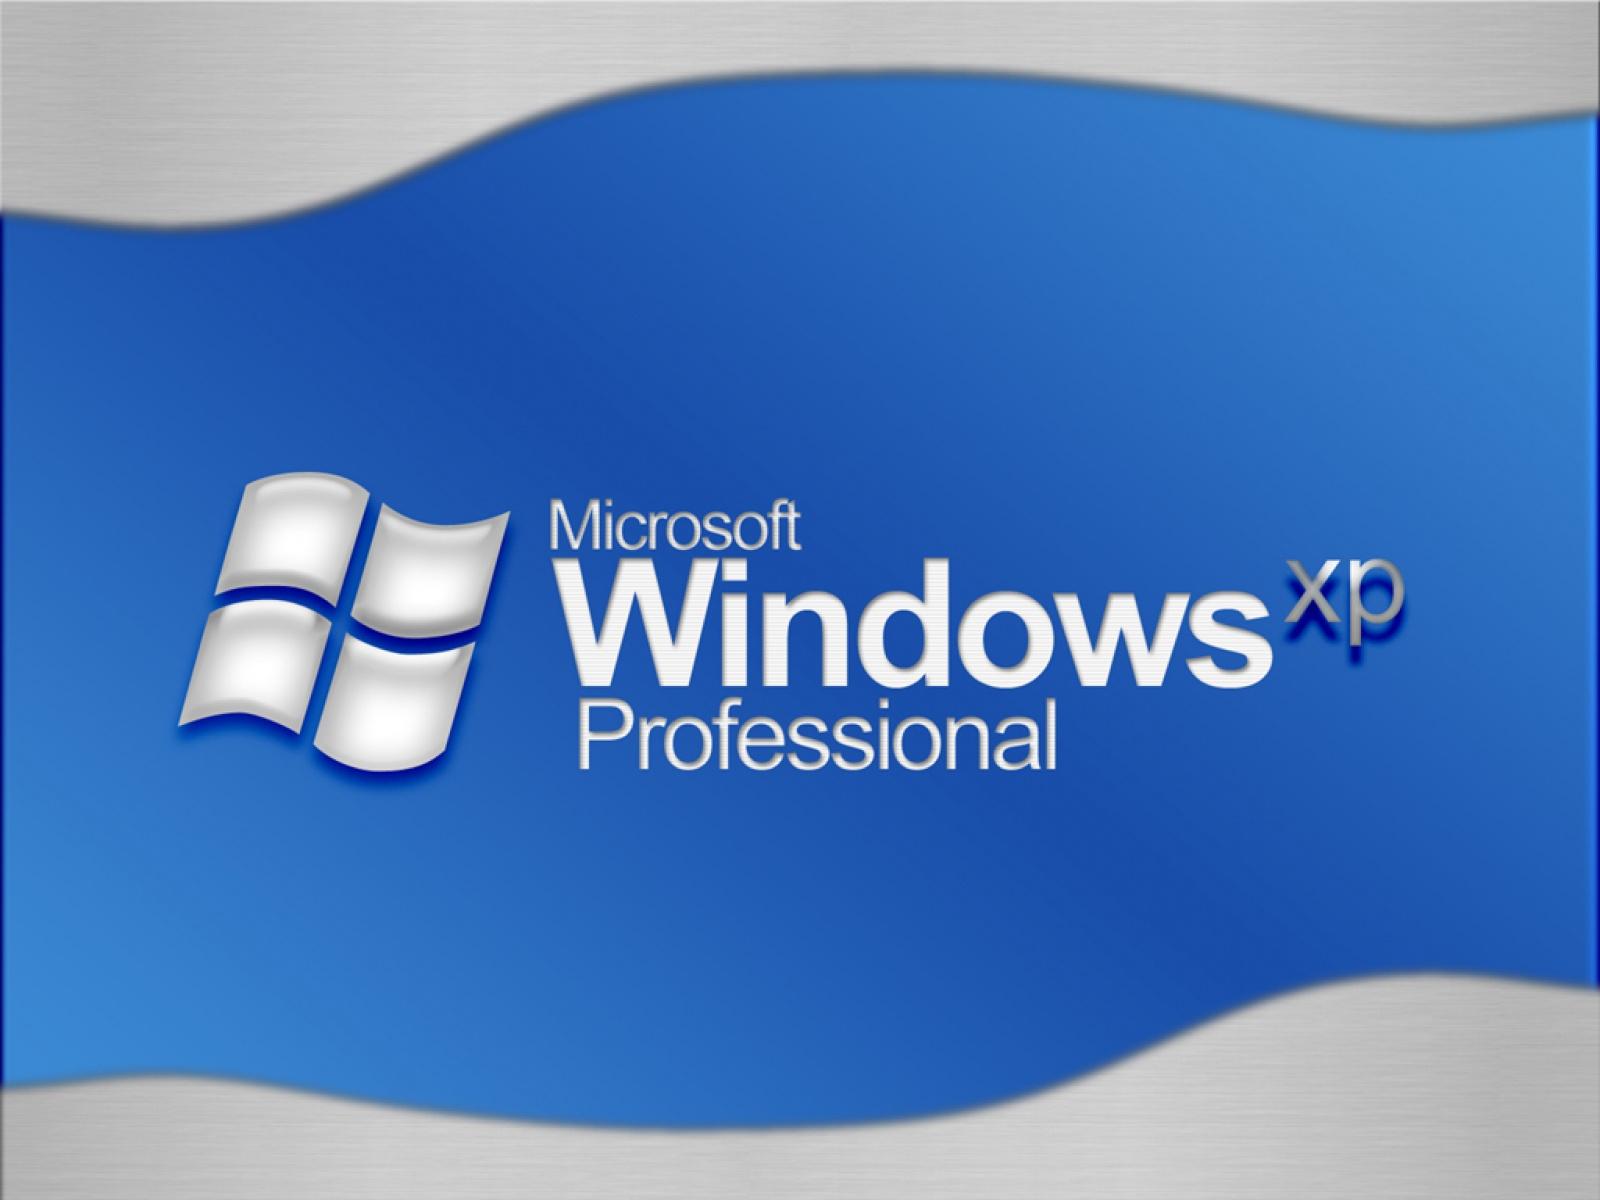 http://3.bp.blogspot.com/-hEm38ULEapQ/T5BQipT2VTI/AAAAAAAAAPc/fRcnDgGpQz4/s1600/Windows+Xp+Cool+1600x1200.jpg